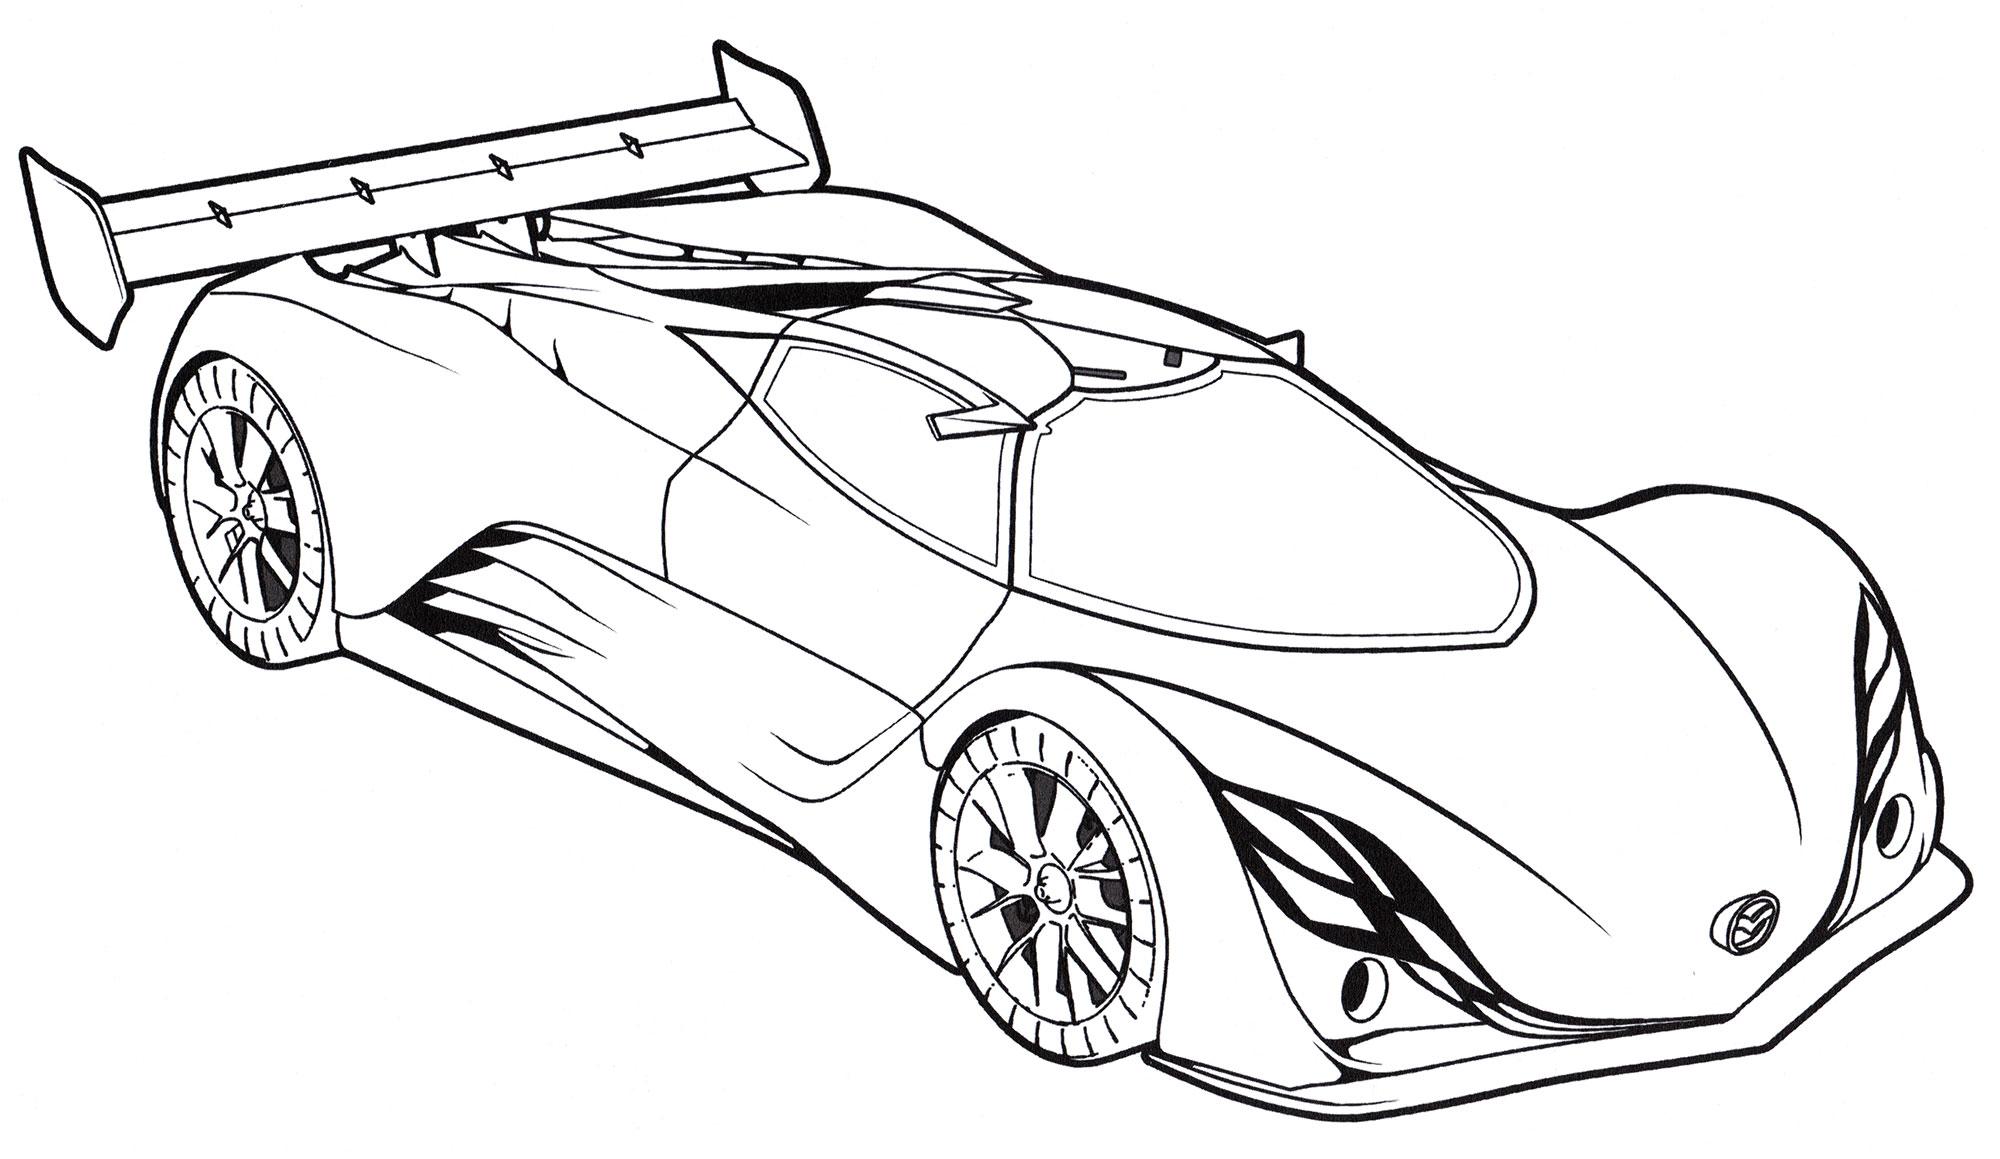 Раскраска Mazda Furai Concept - распечатать бесплатно